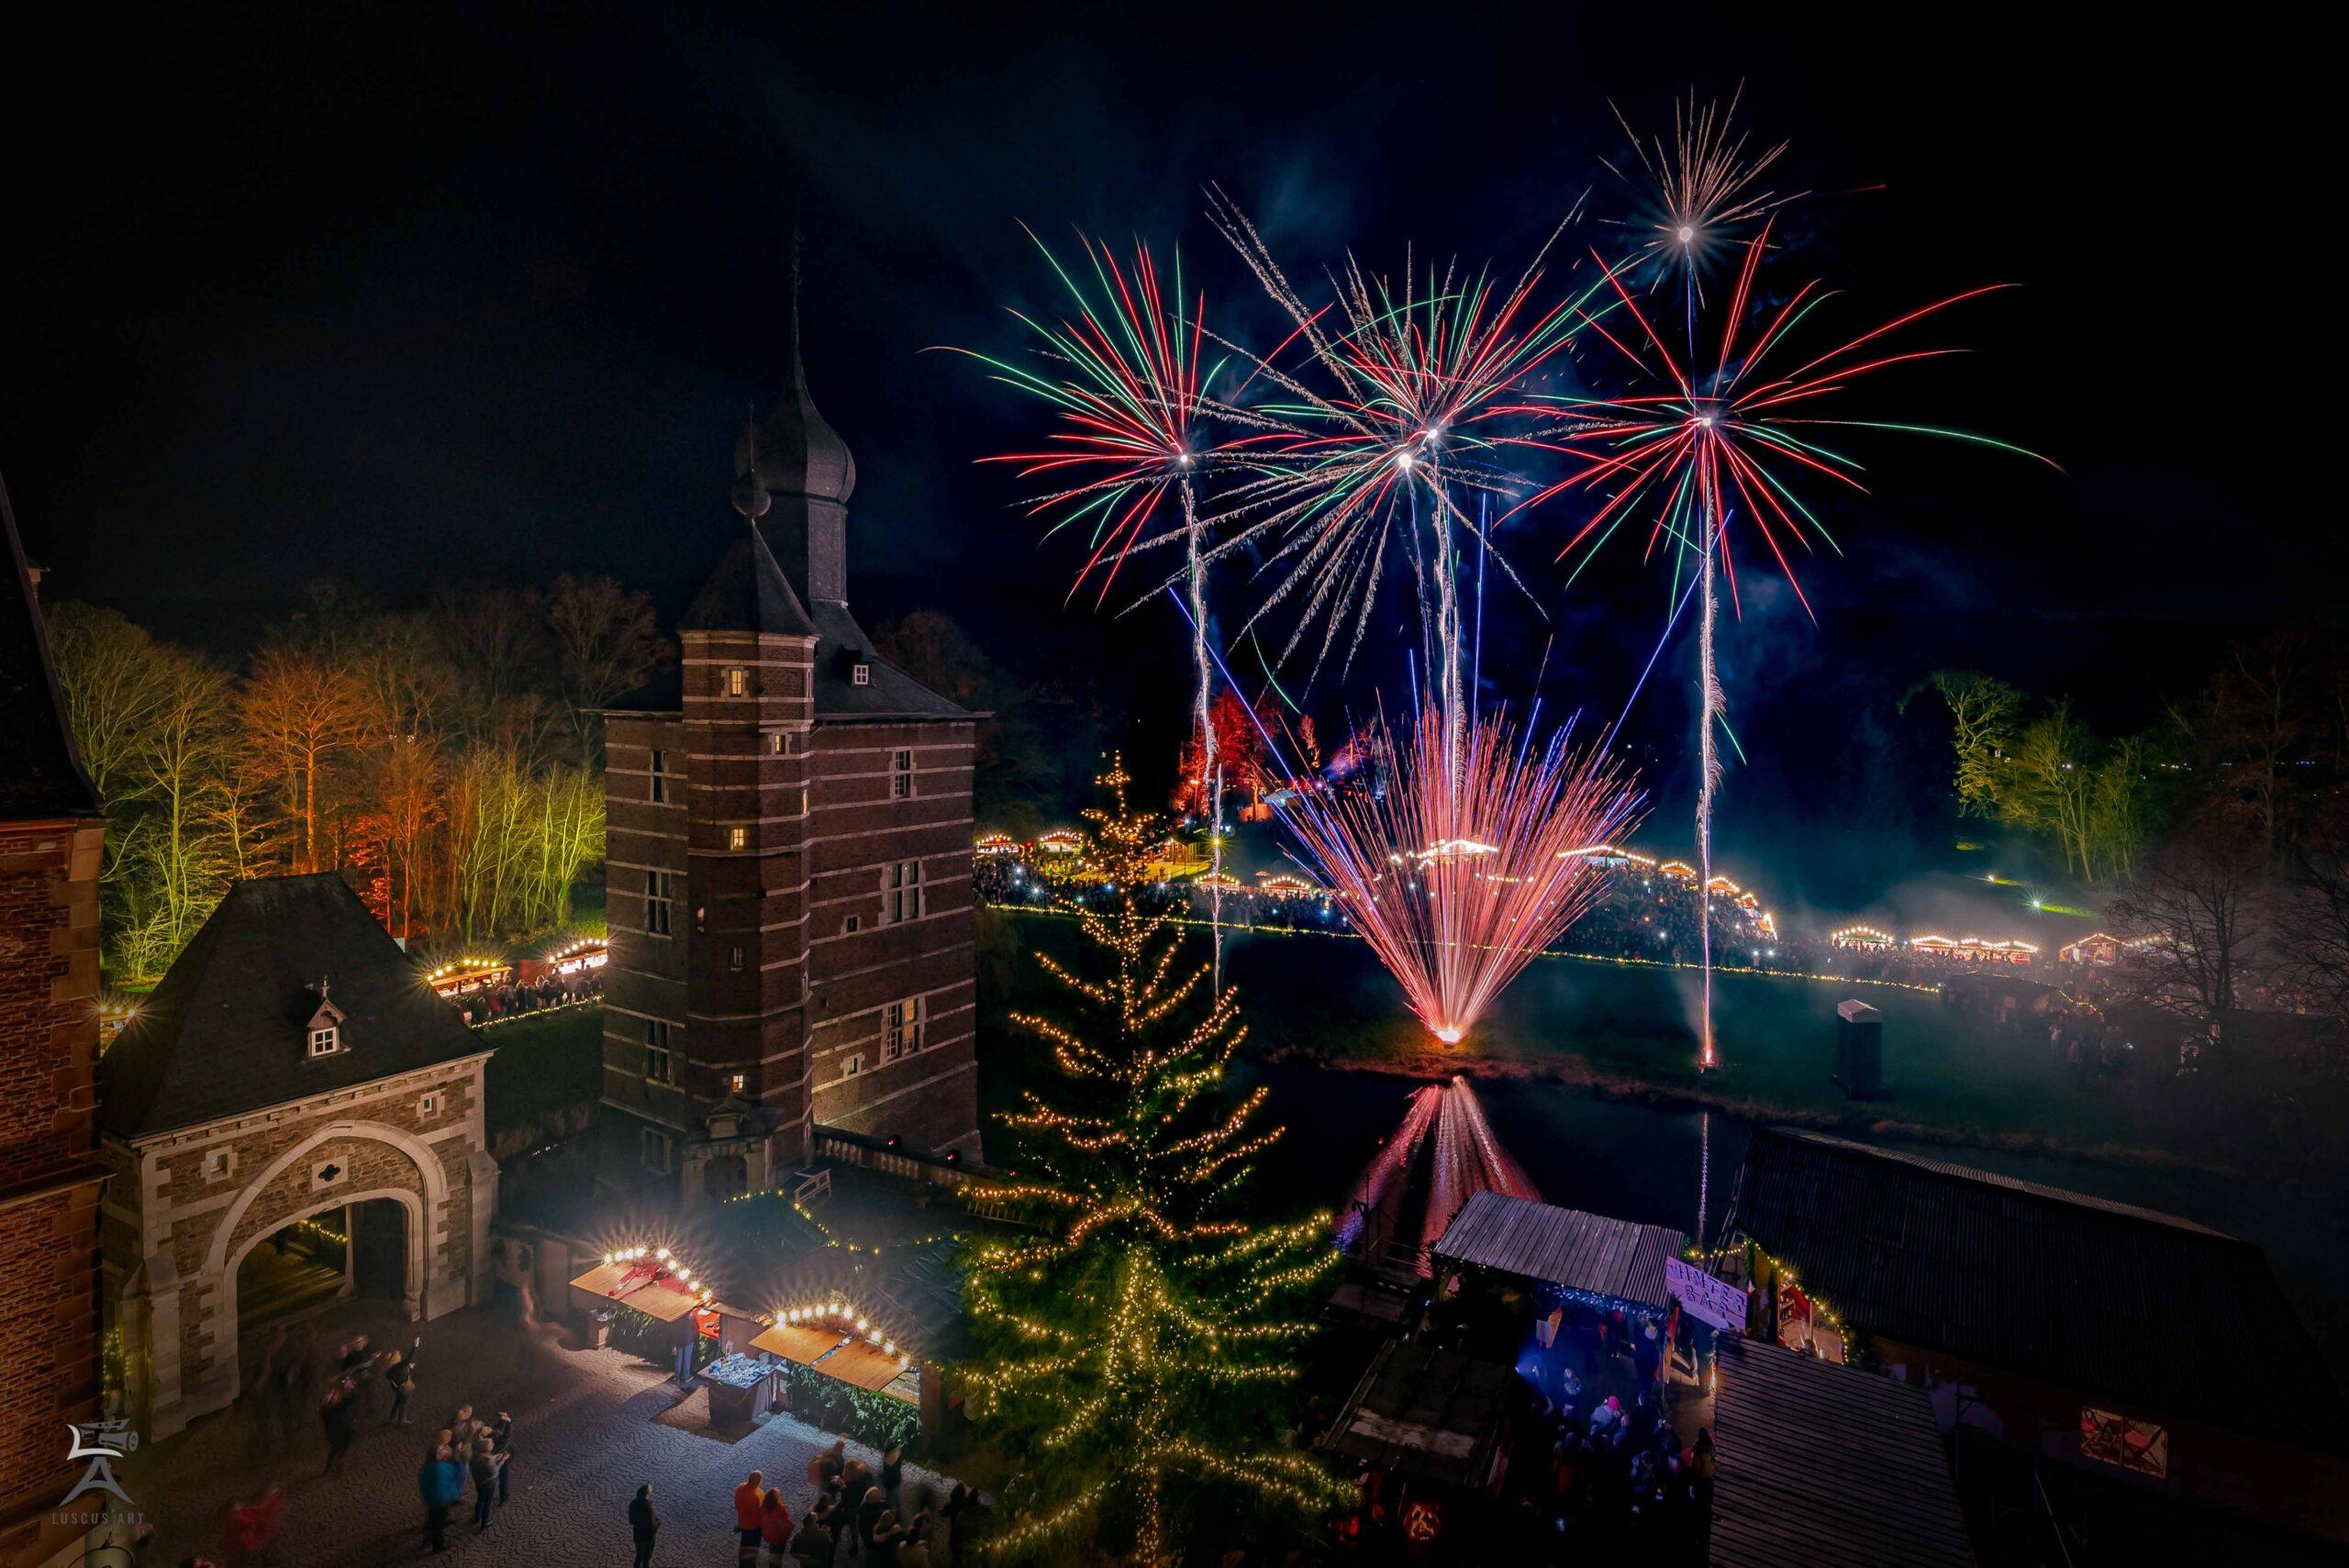 Feuerwerk Weihnachtsmarkt Merode Fotografie